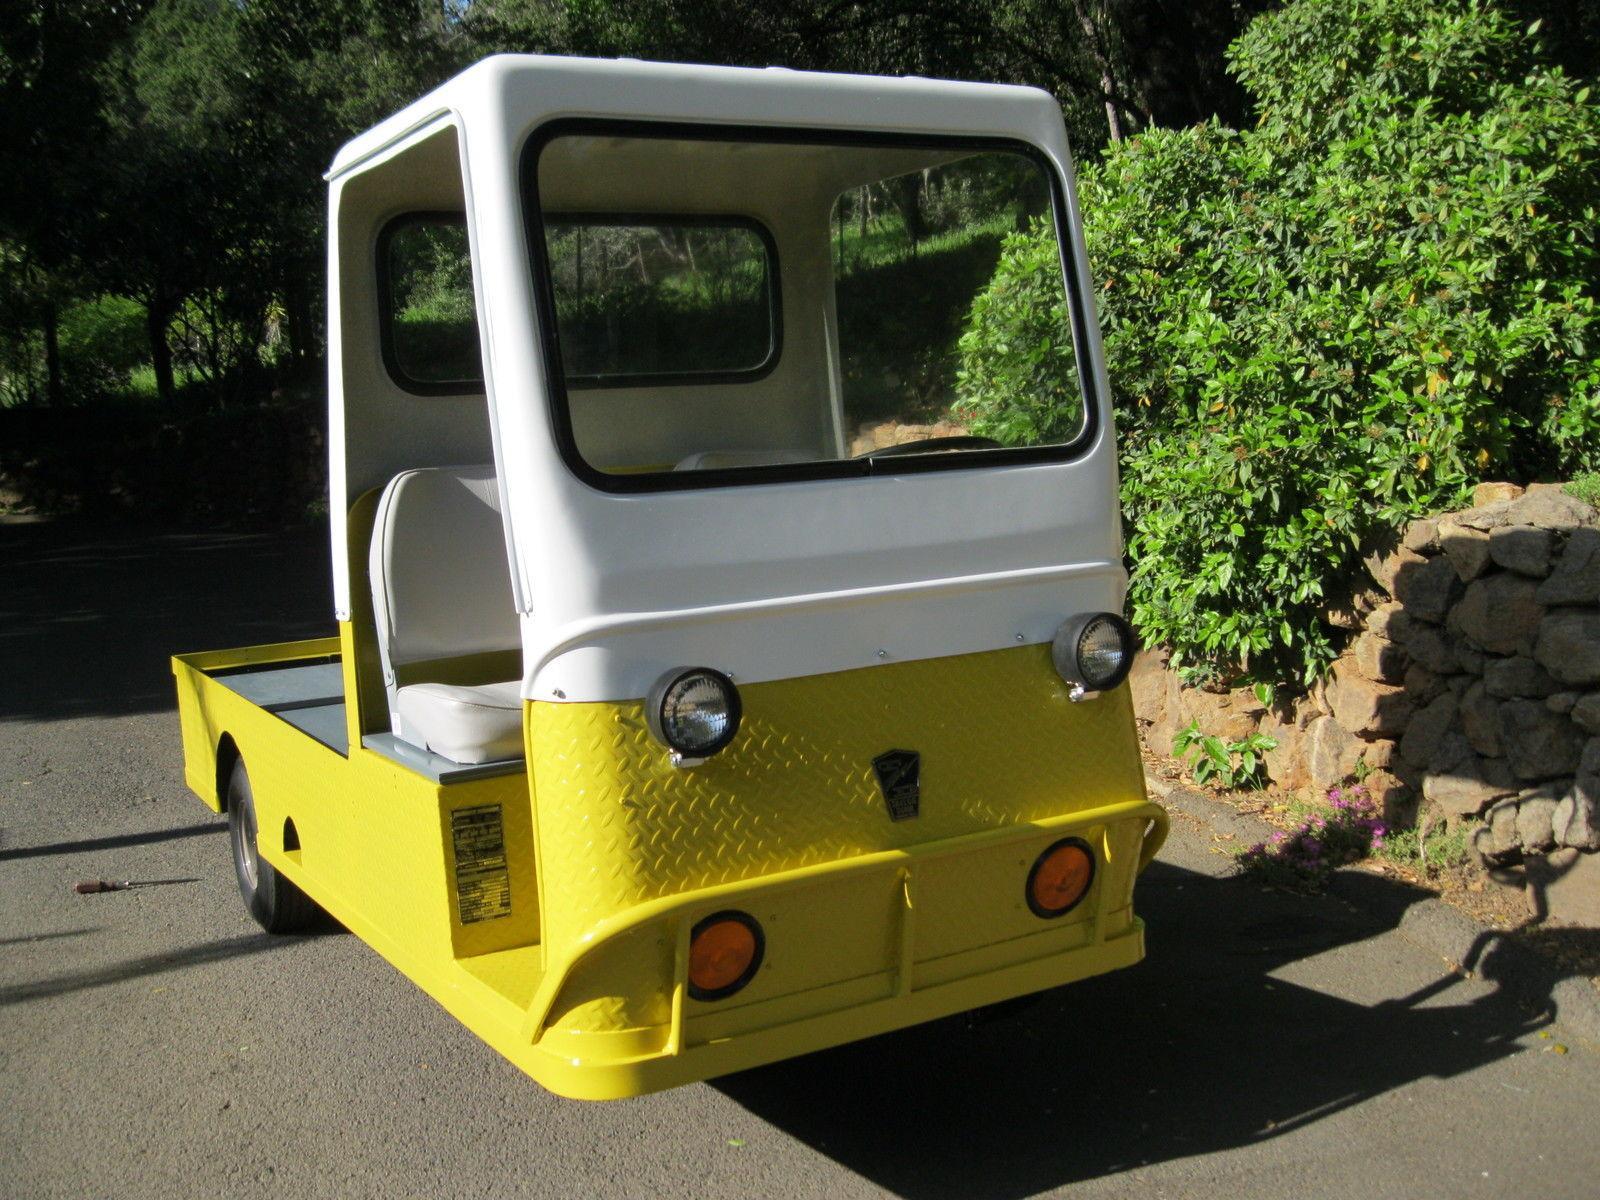 Taylor Dunn Electric Powered Cart 3 Wheel Burden Carrier